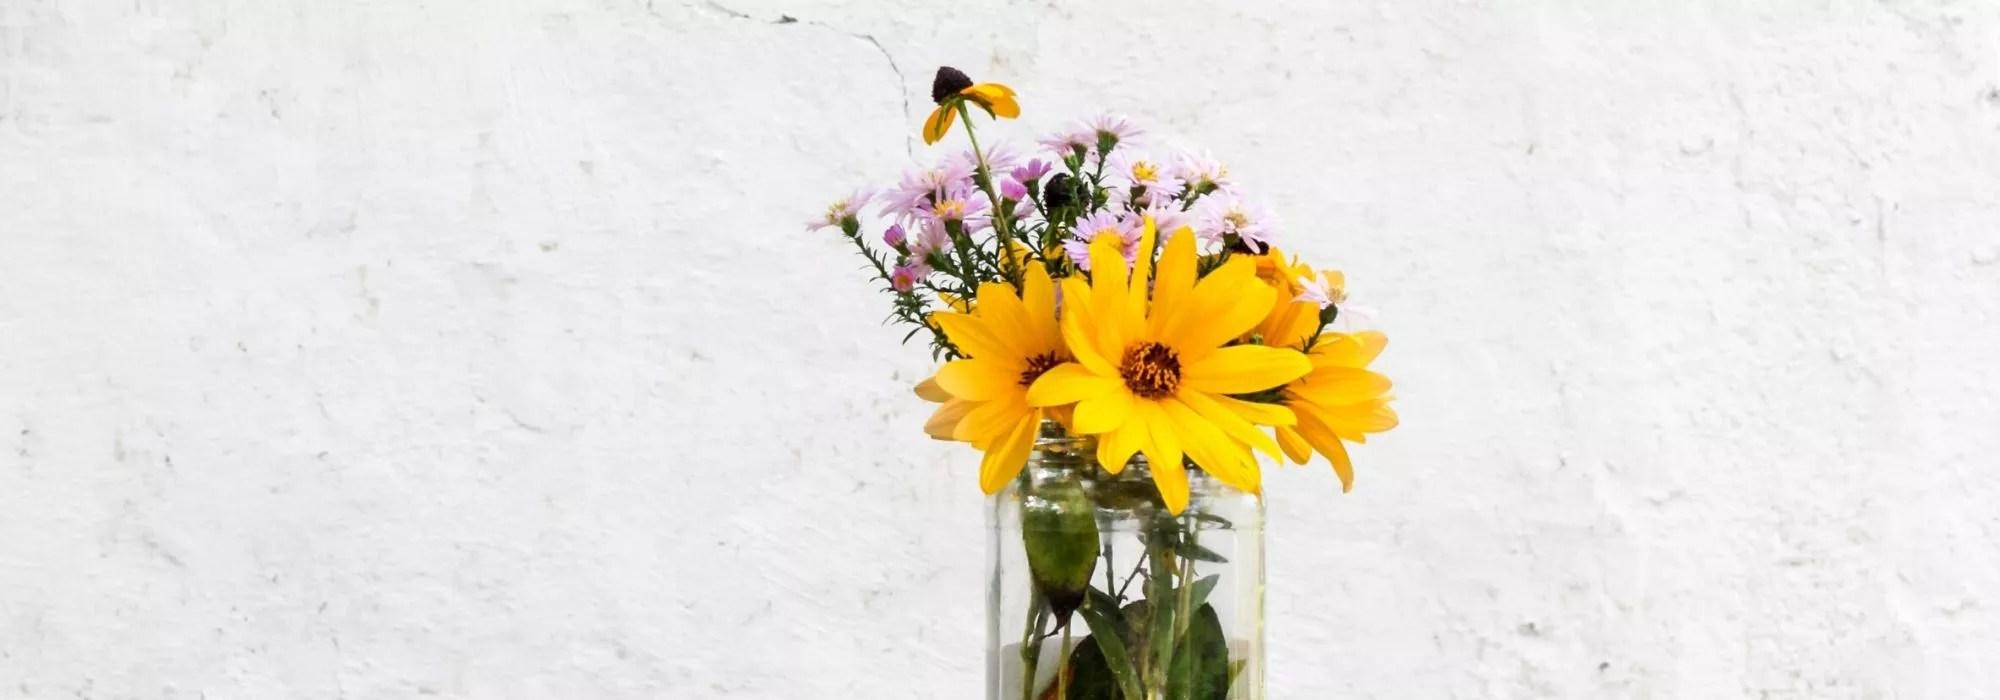 weiße Wand mit Blumen